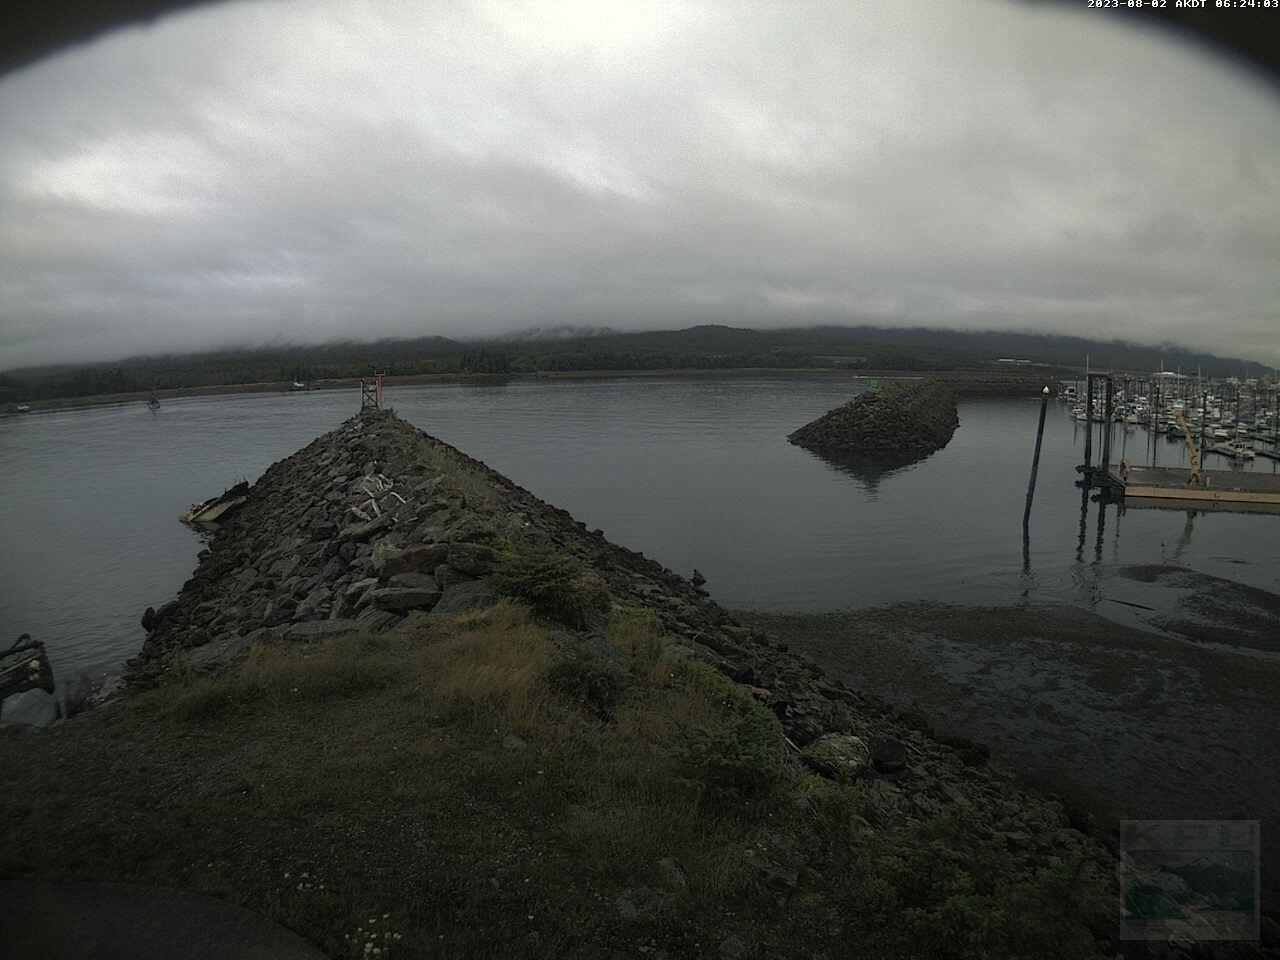 Current Ketchikan Webcam #4 Mega-View Image